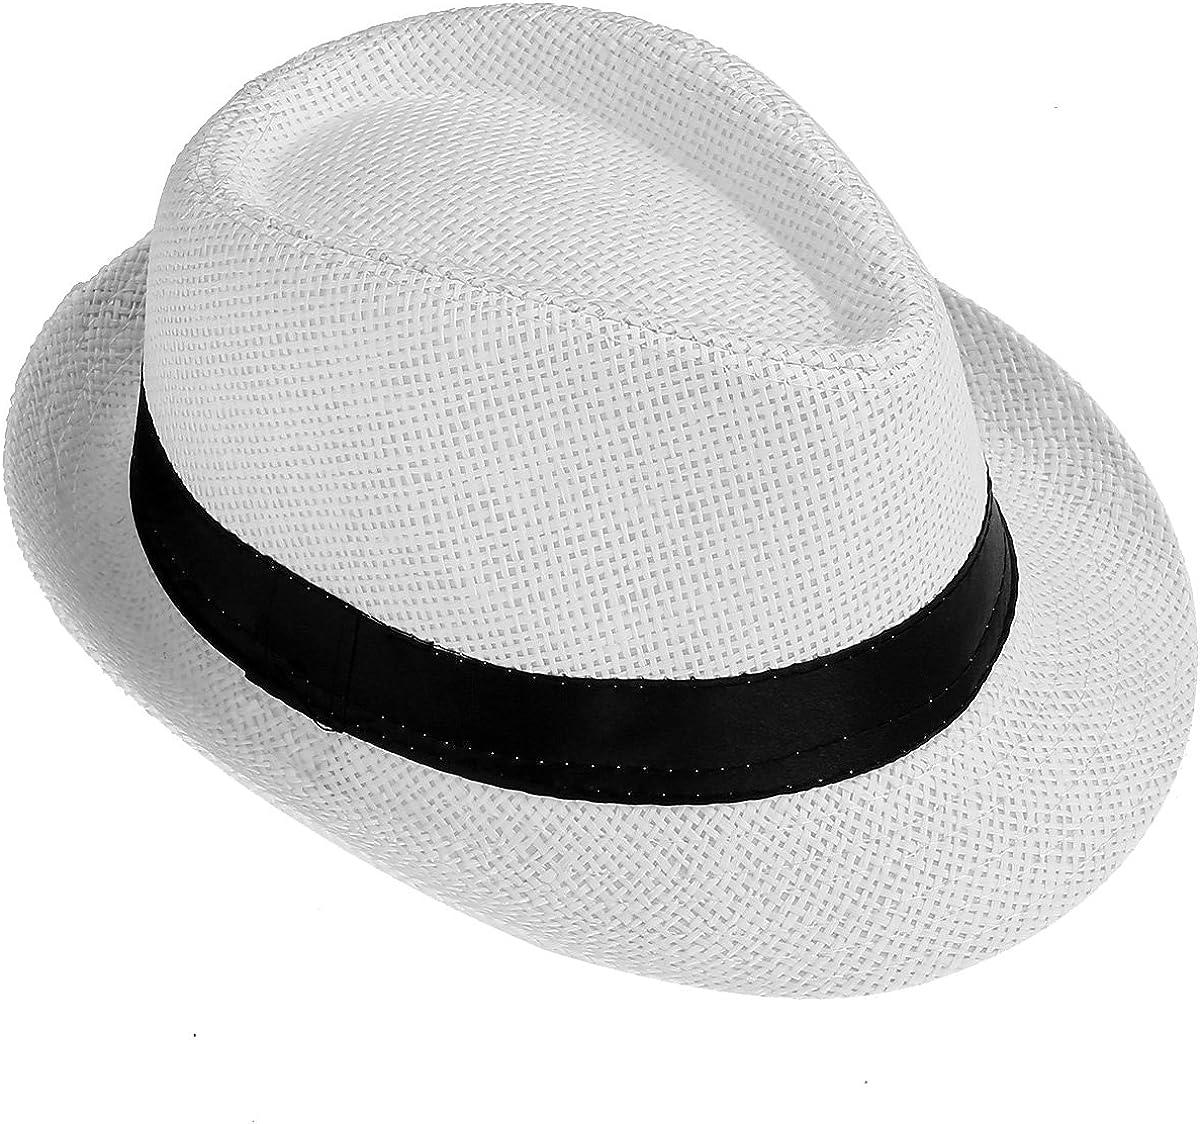 FALETO Kinder Jungen M/ädchen Panamahut Sonnenhut Sommerhut Beach Hut Strohhut Jazz Hut